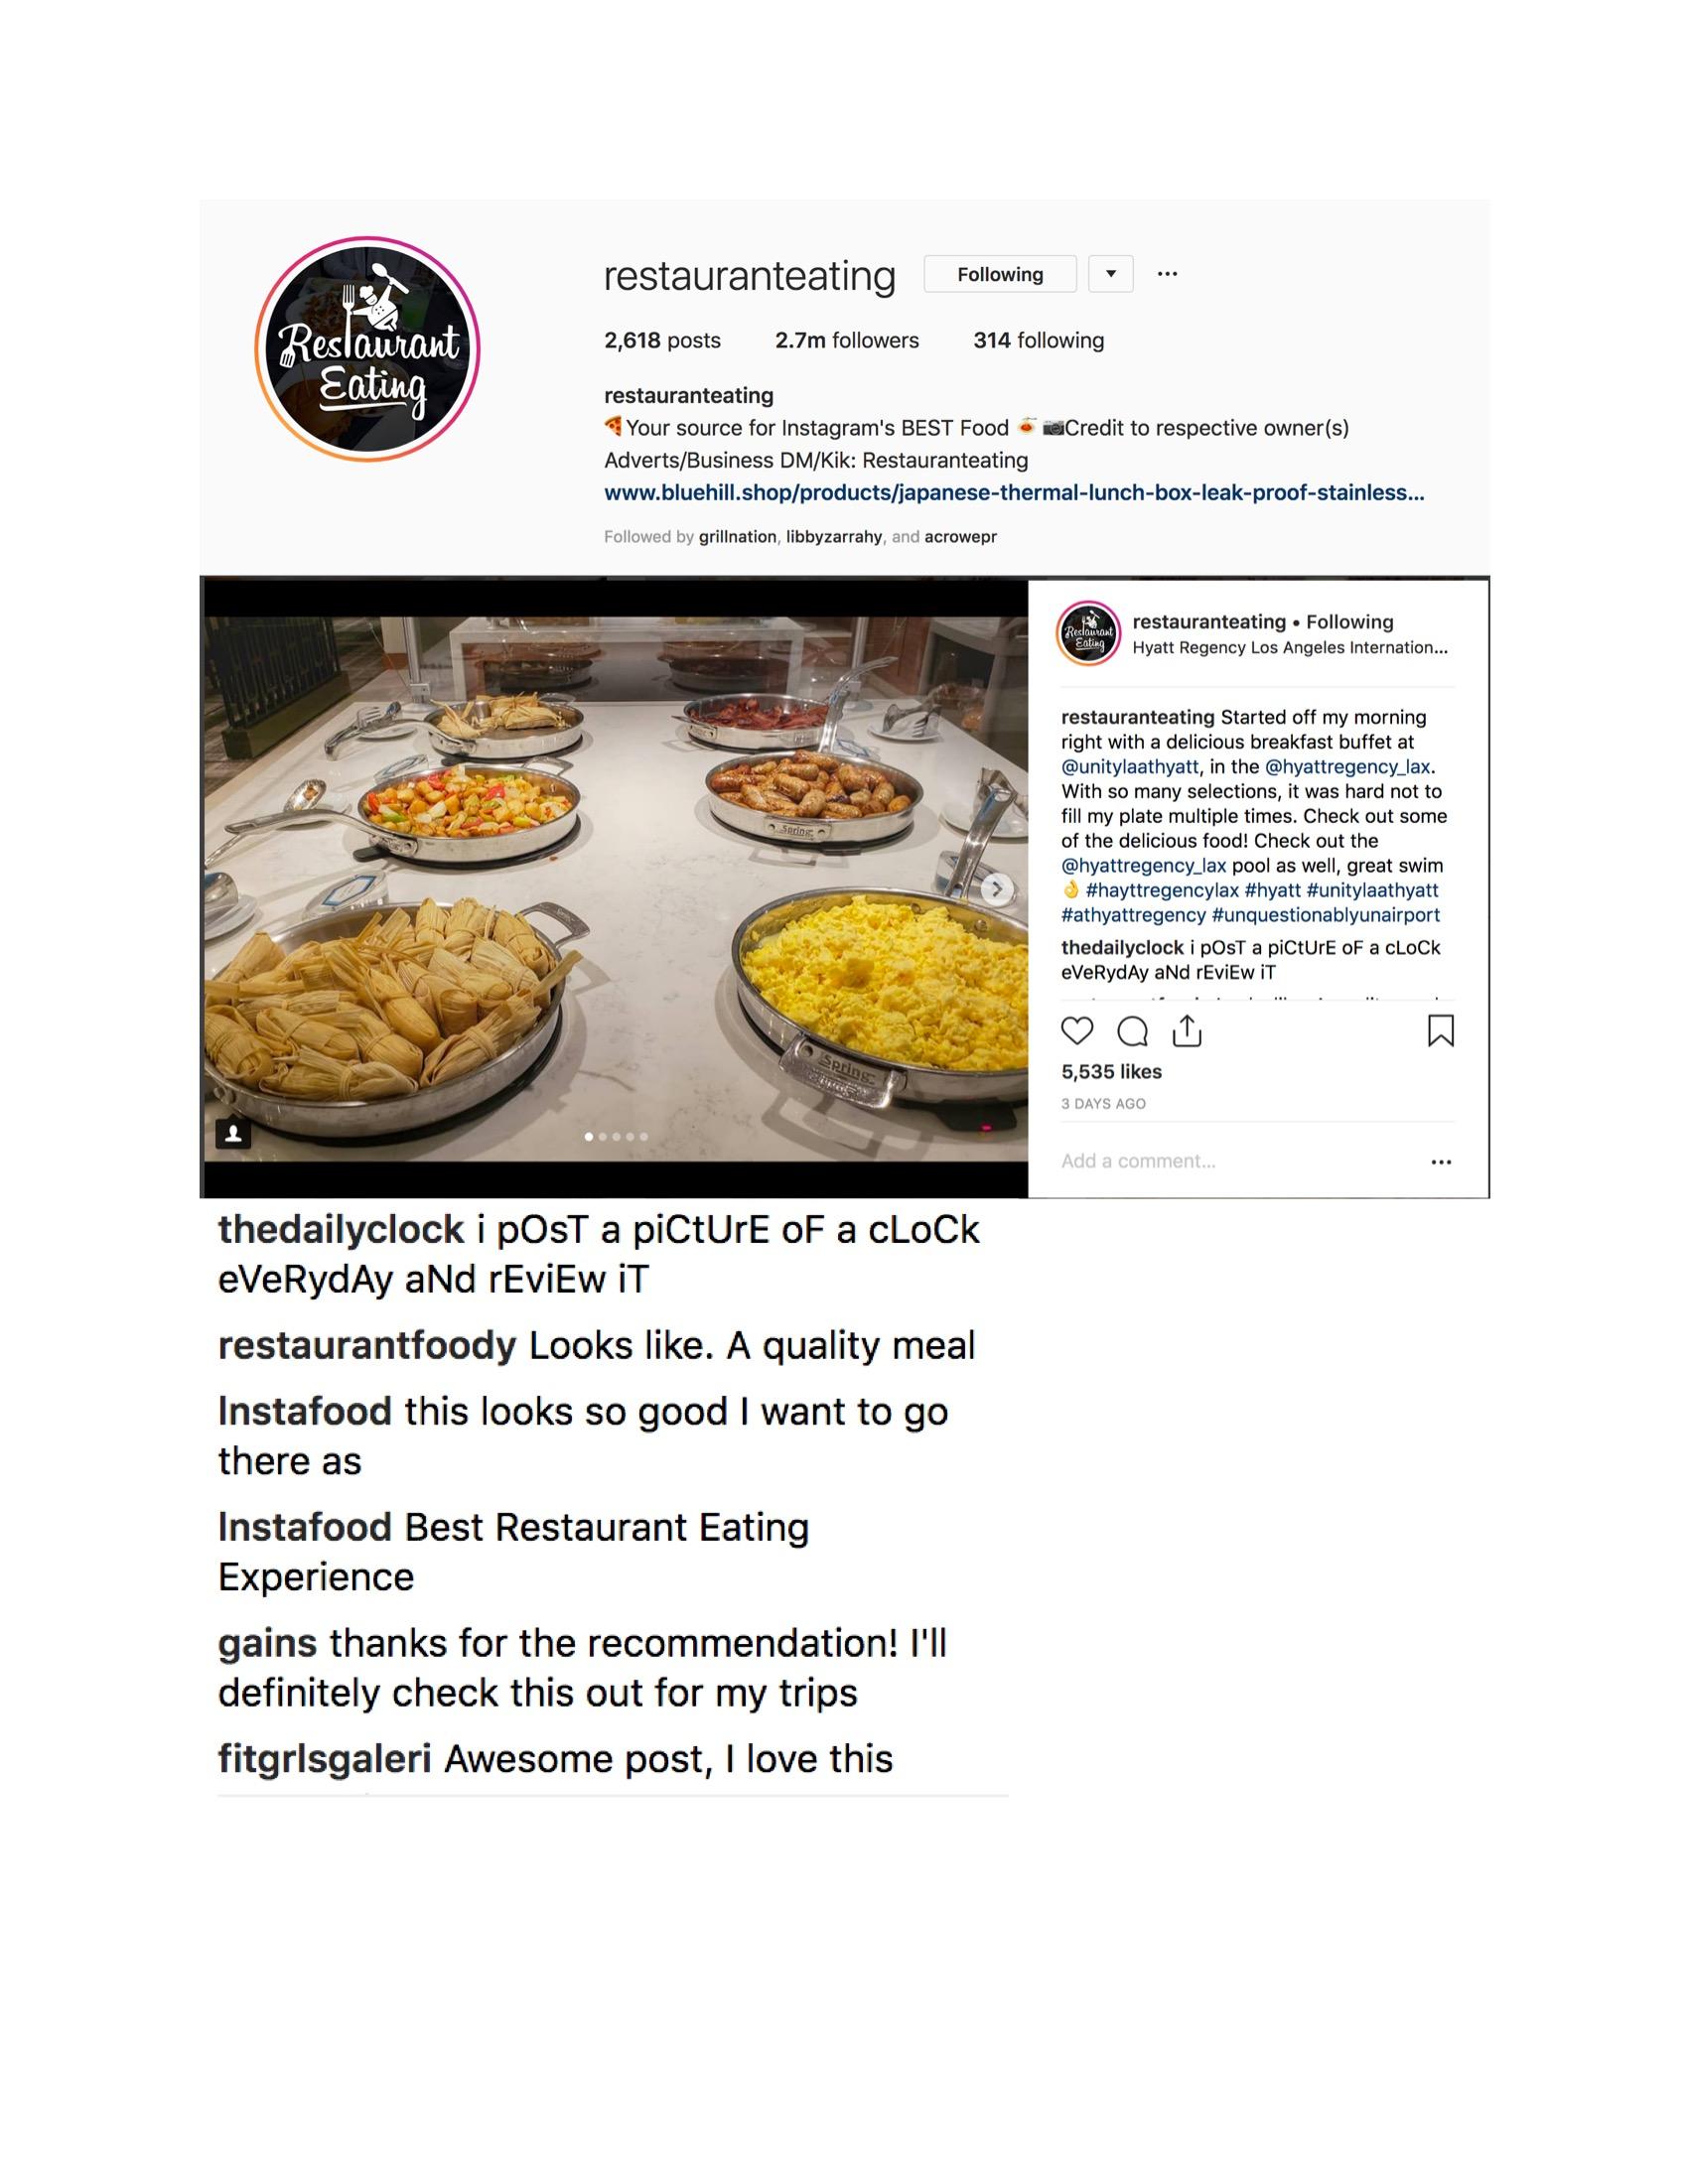 Aug 31 Restauranteating-1.jpeg